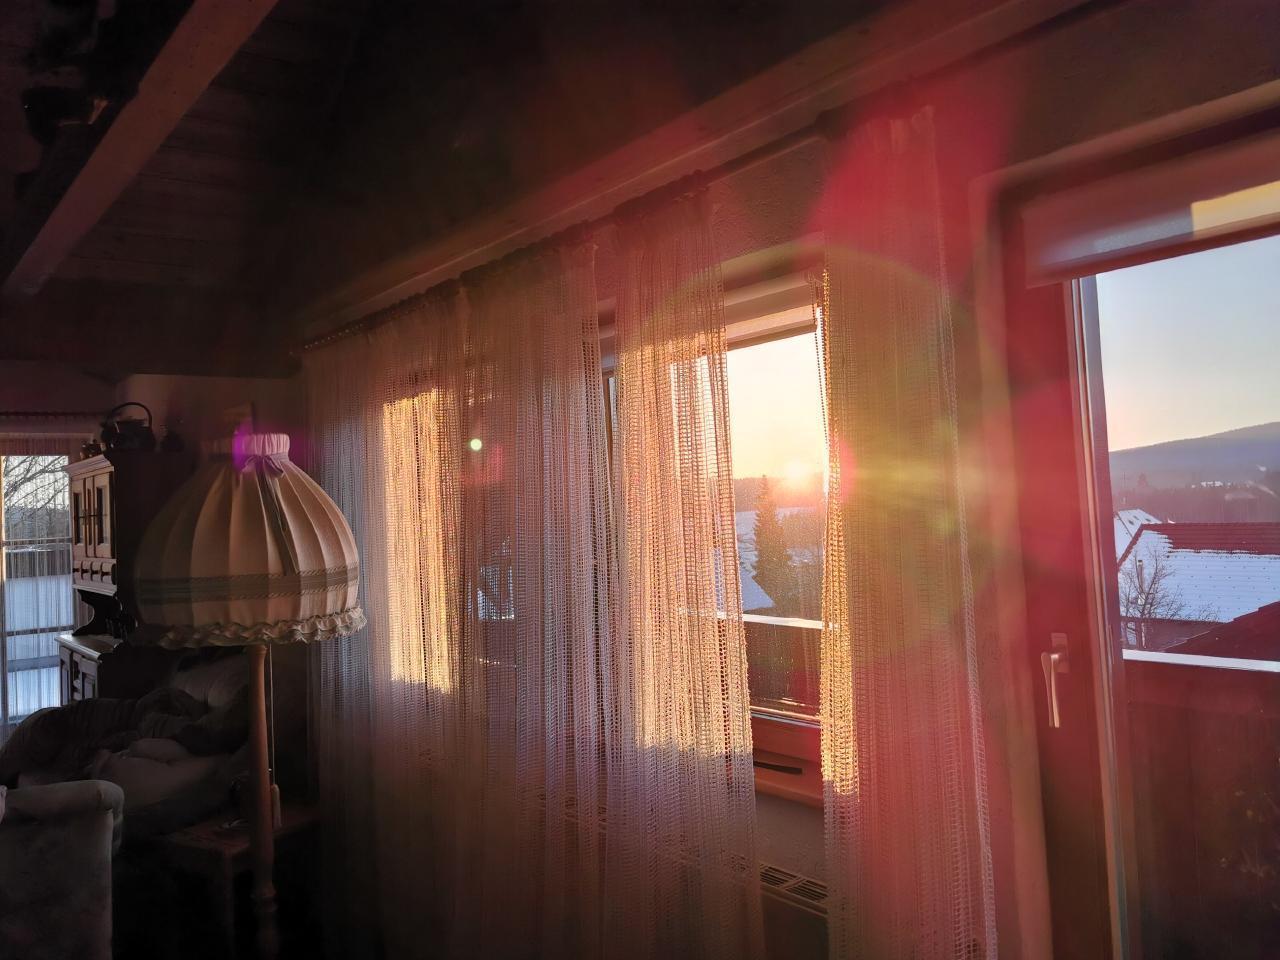 Ferienwohnung Haus Haidweg Wohnung 5 - 3 Zimmer, ca. 90 m² für 2-6 Personen im Dachgeschoss mit Balkon u (238755), Haidmühle, Bayerischer Wald, Bayern, Deutschland, Bild 11